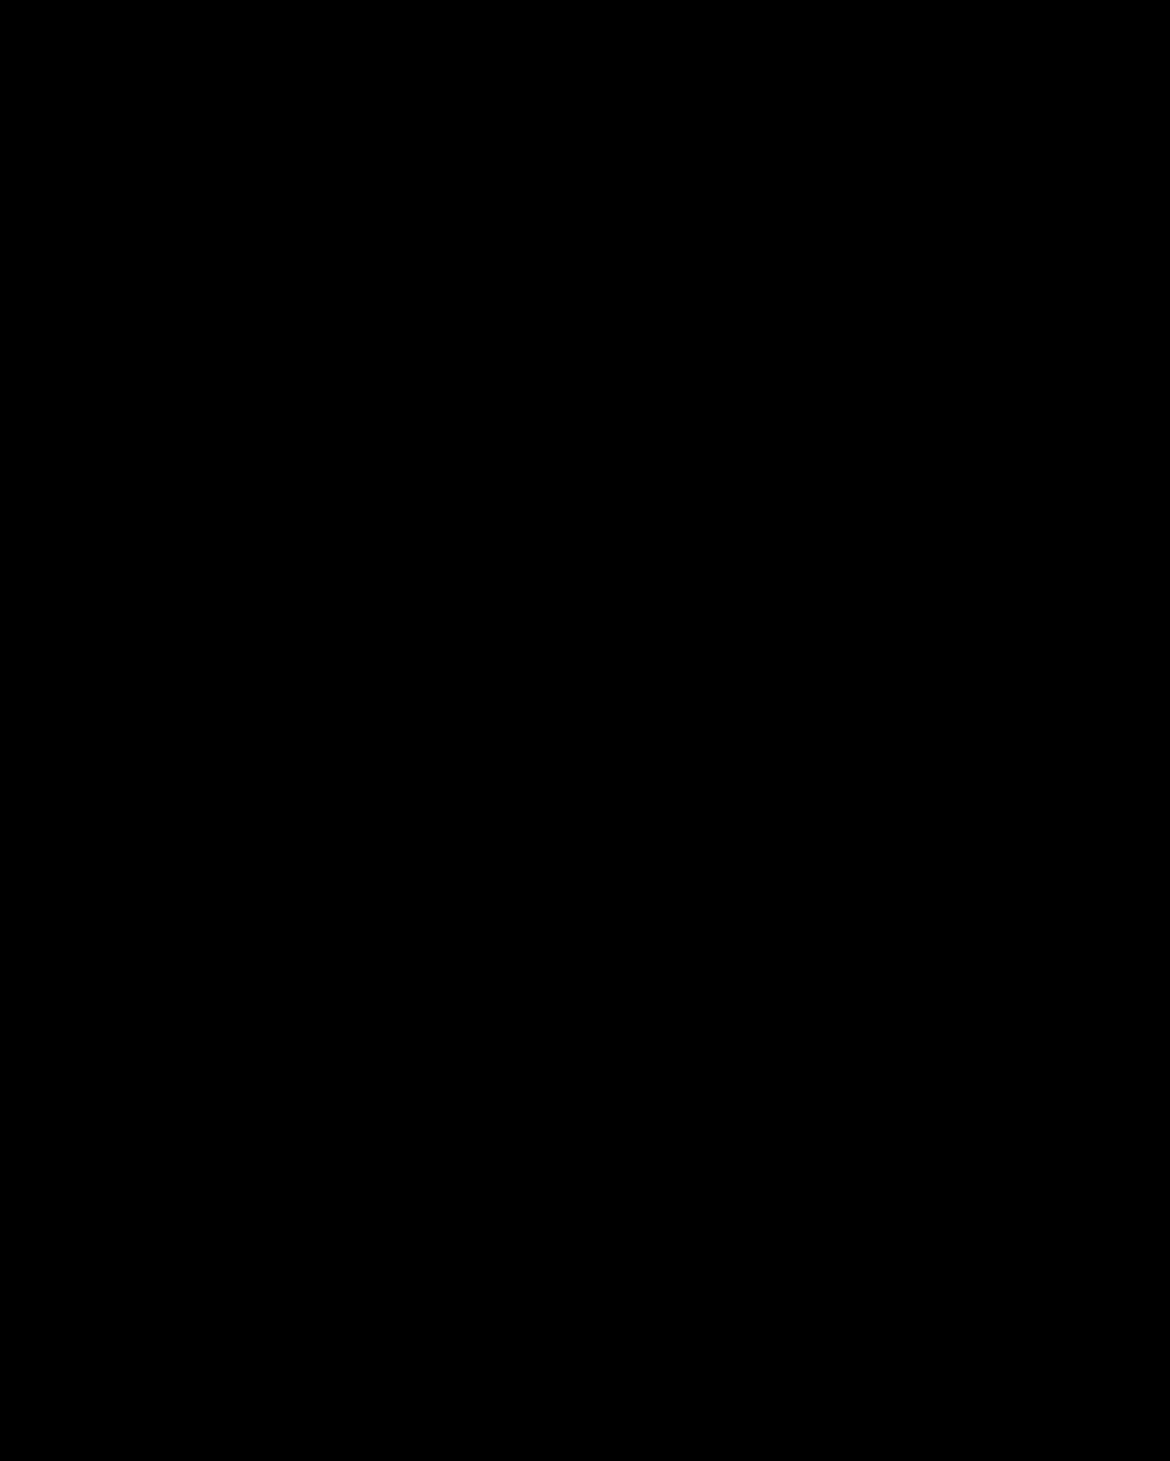 Visitare Mosca a Capodanno: I miei consigli - Tsum Boutique Dior